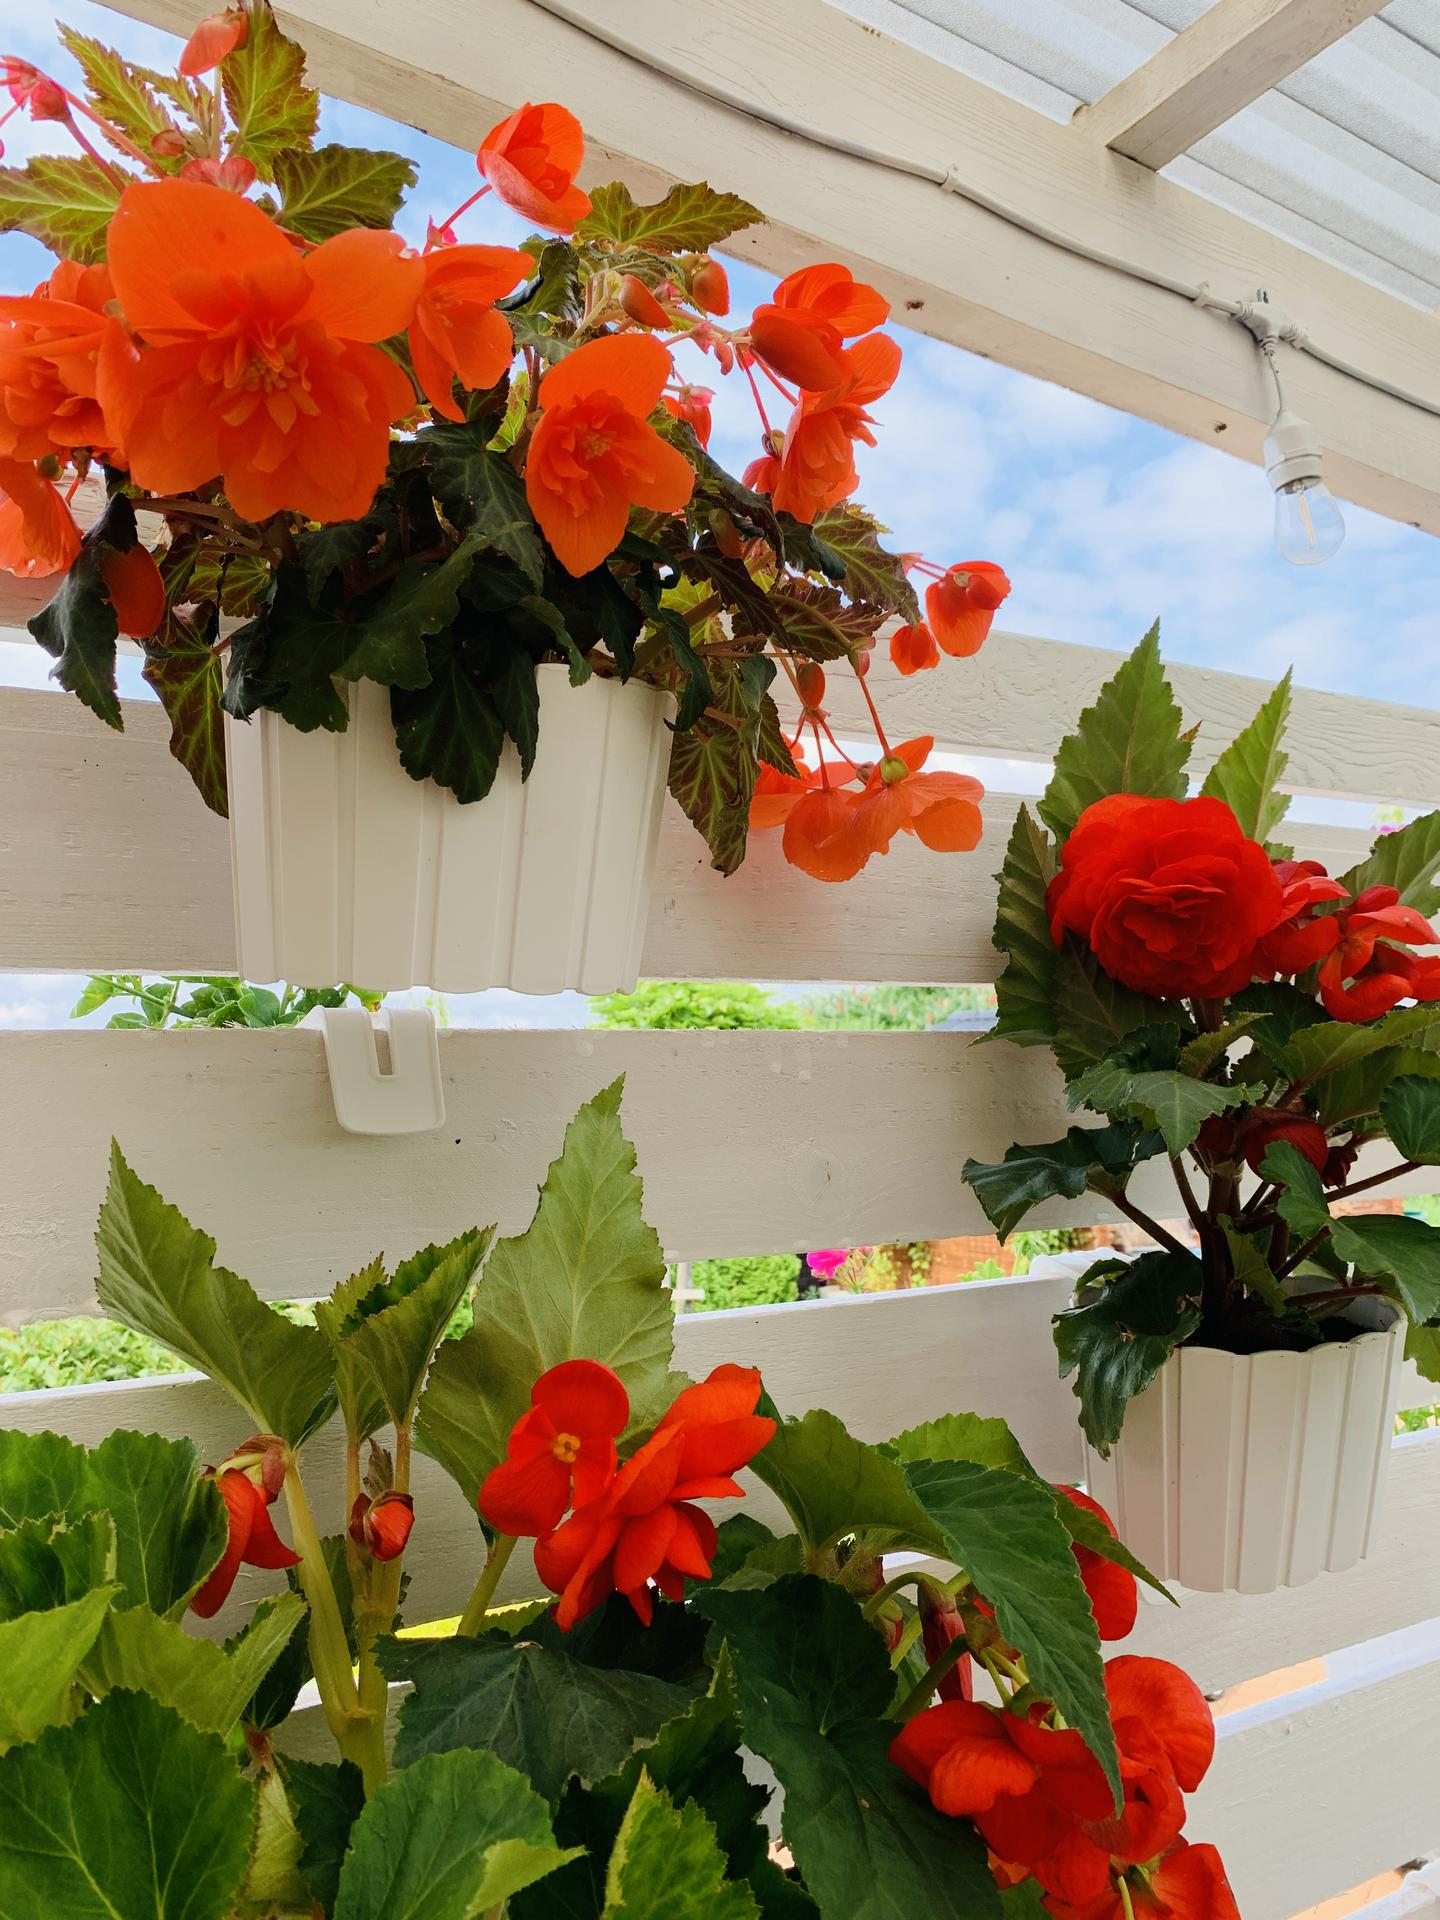 Naše barevná zahrada 🌸 - Begonie mám letos poprvé a evidentně jsou na správném stanovišti 🤗